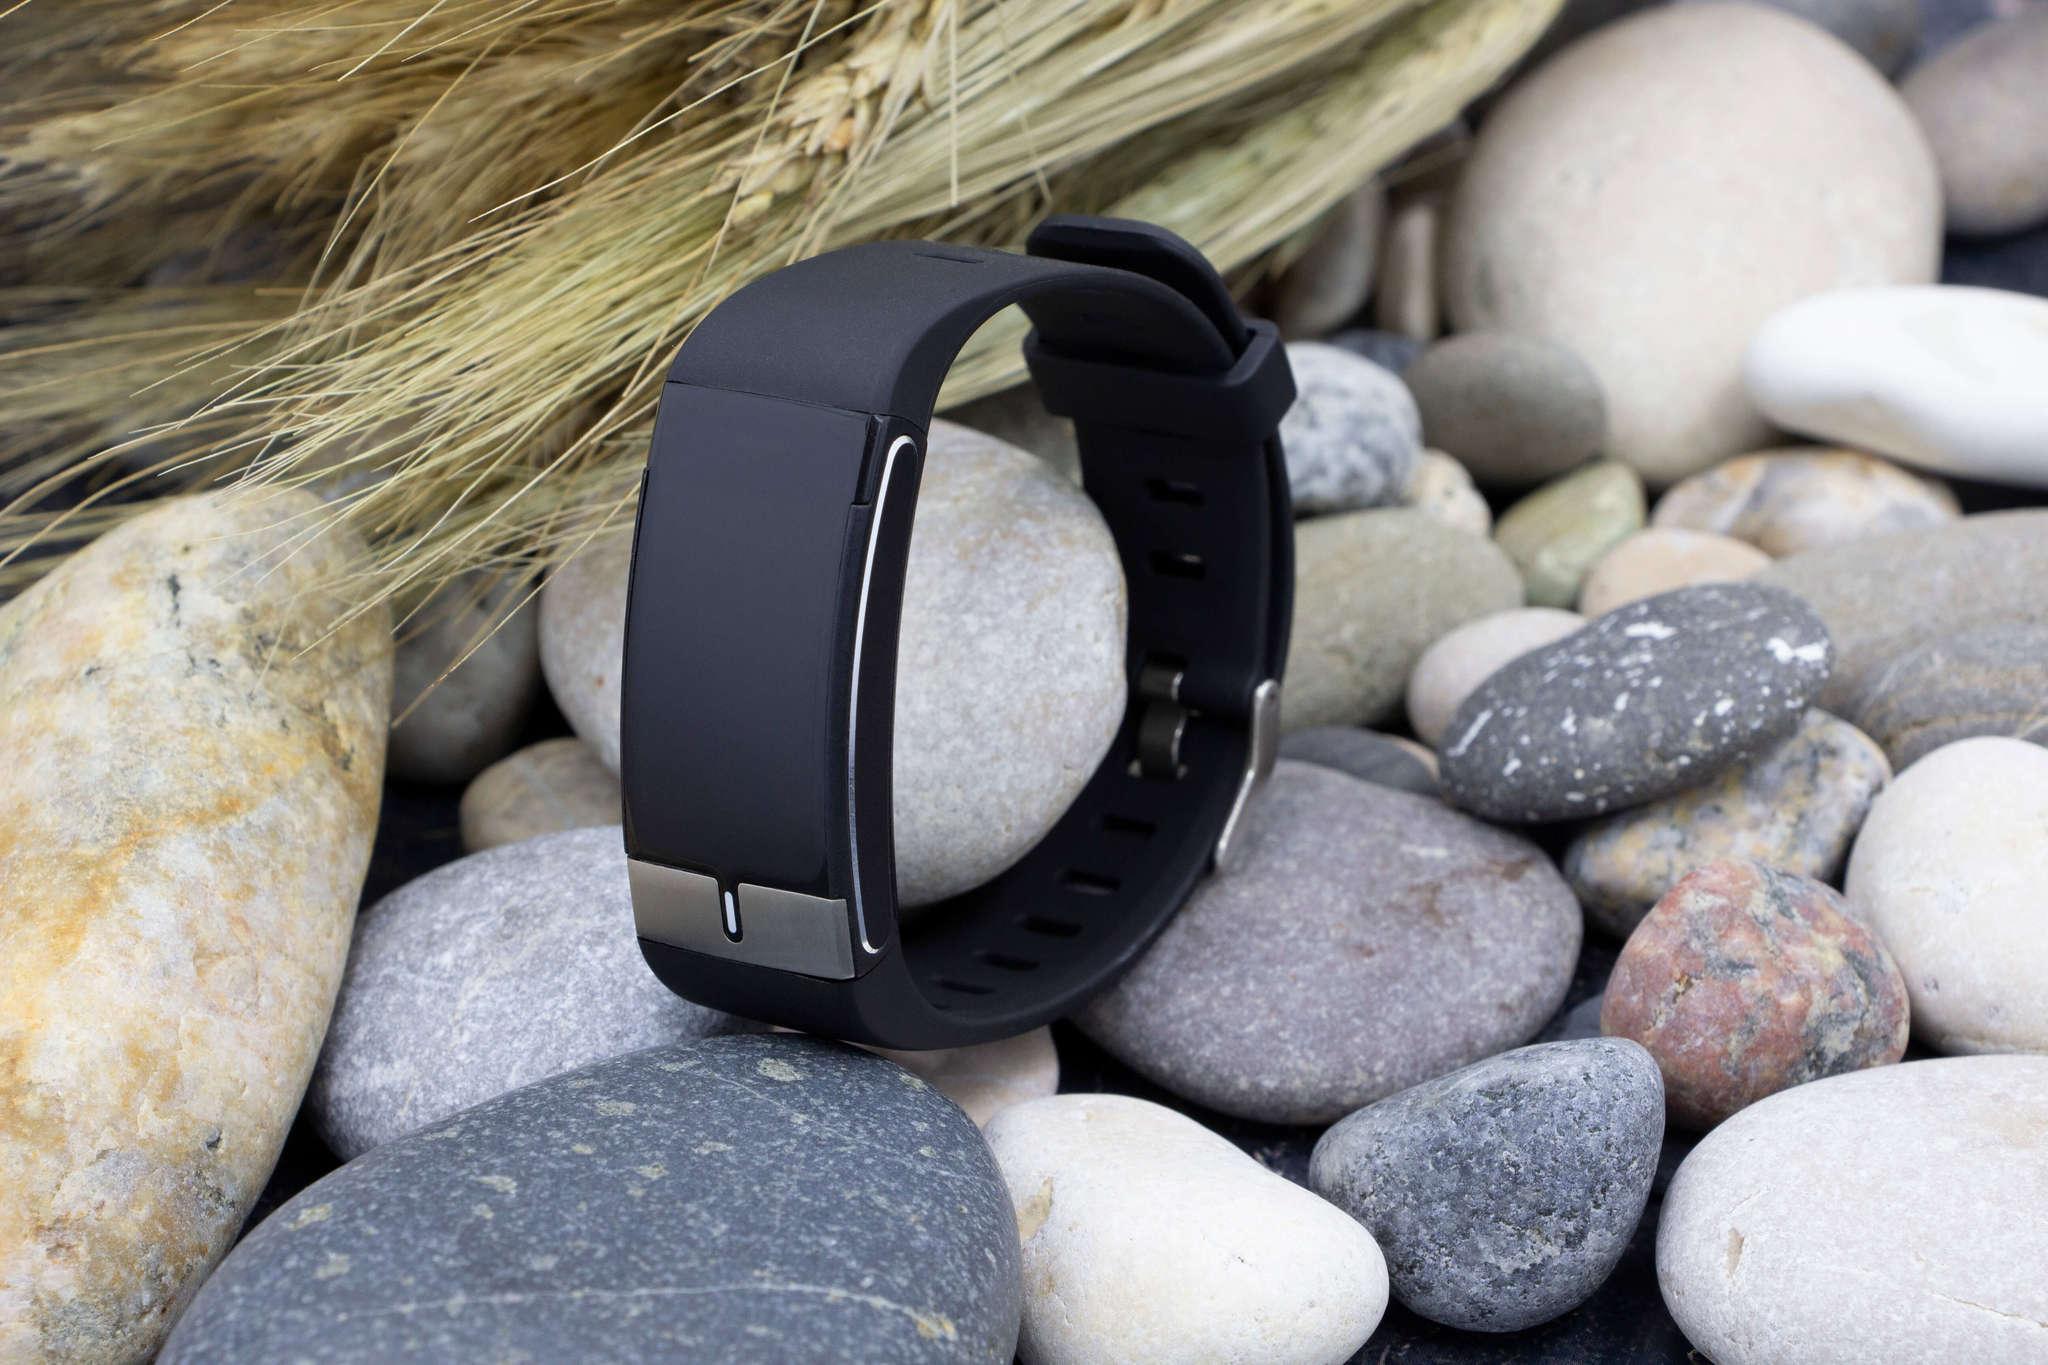 Профессиональный браслет здоровья с автоматическим измерением температуры тела, давления, пульса, кислорода, снятием ЭКГ и контролем аномального пульса Biomer BT68 (чёрный)